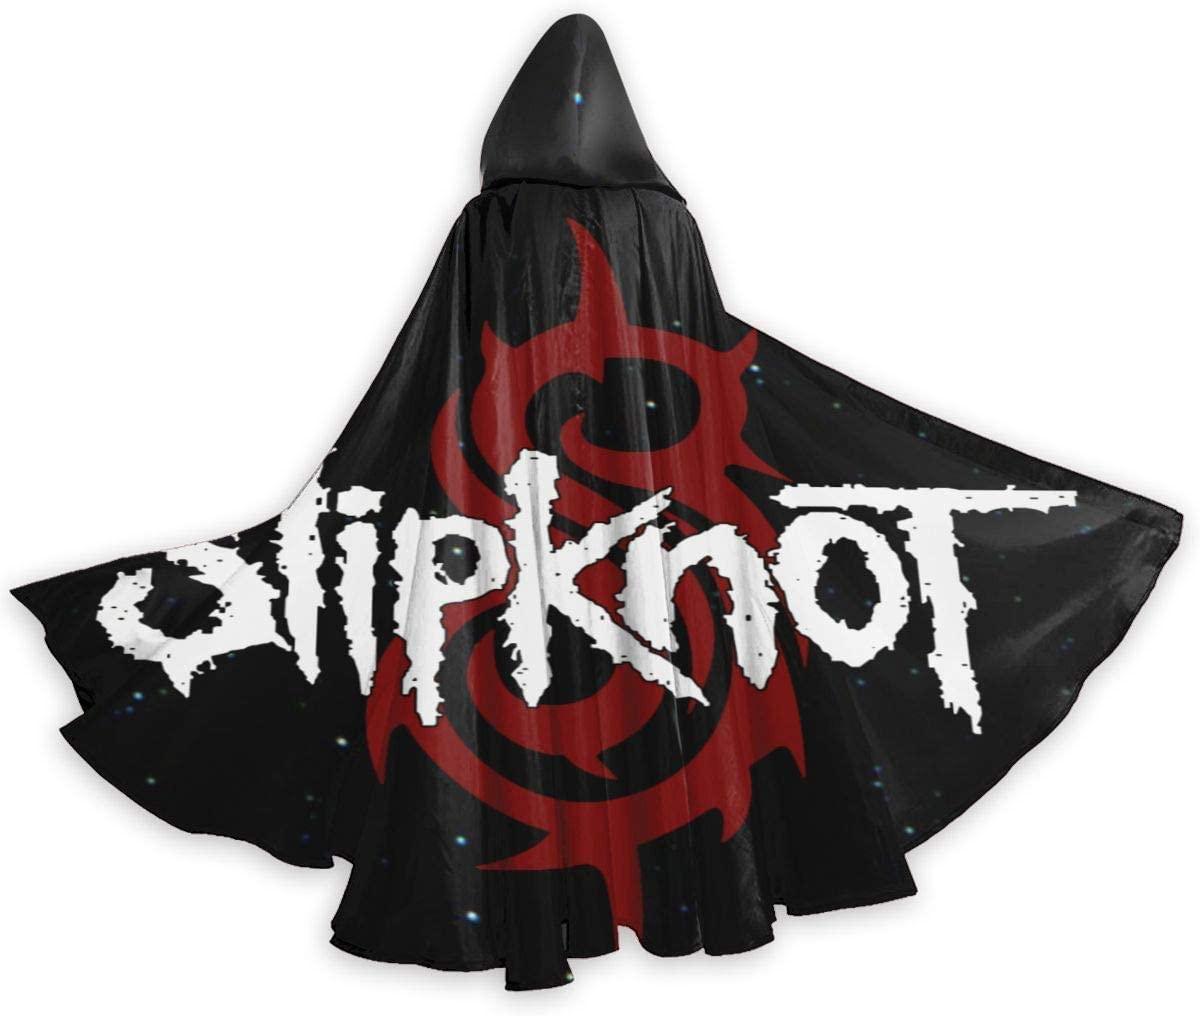 Veta Megica Slipknot Halloween Adult Costumes Capes Cloak